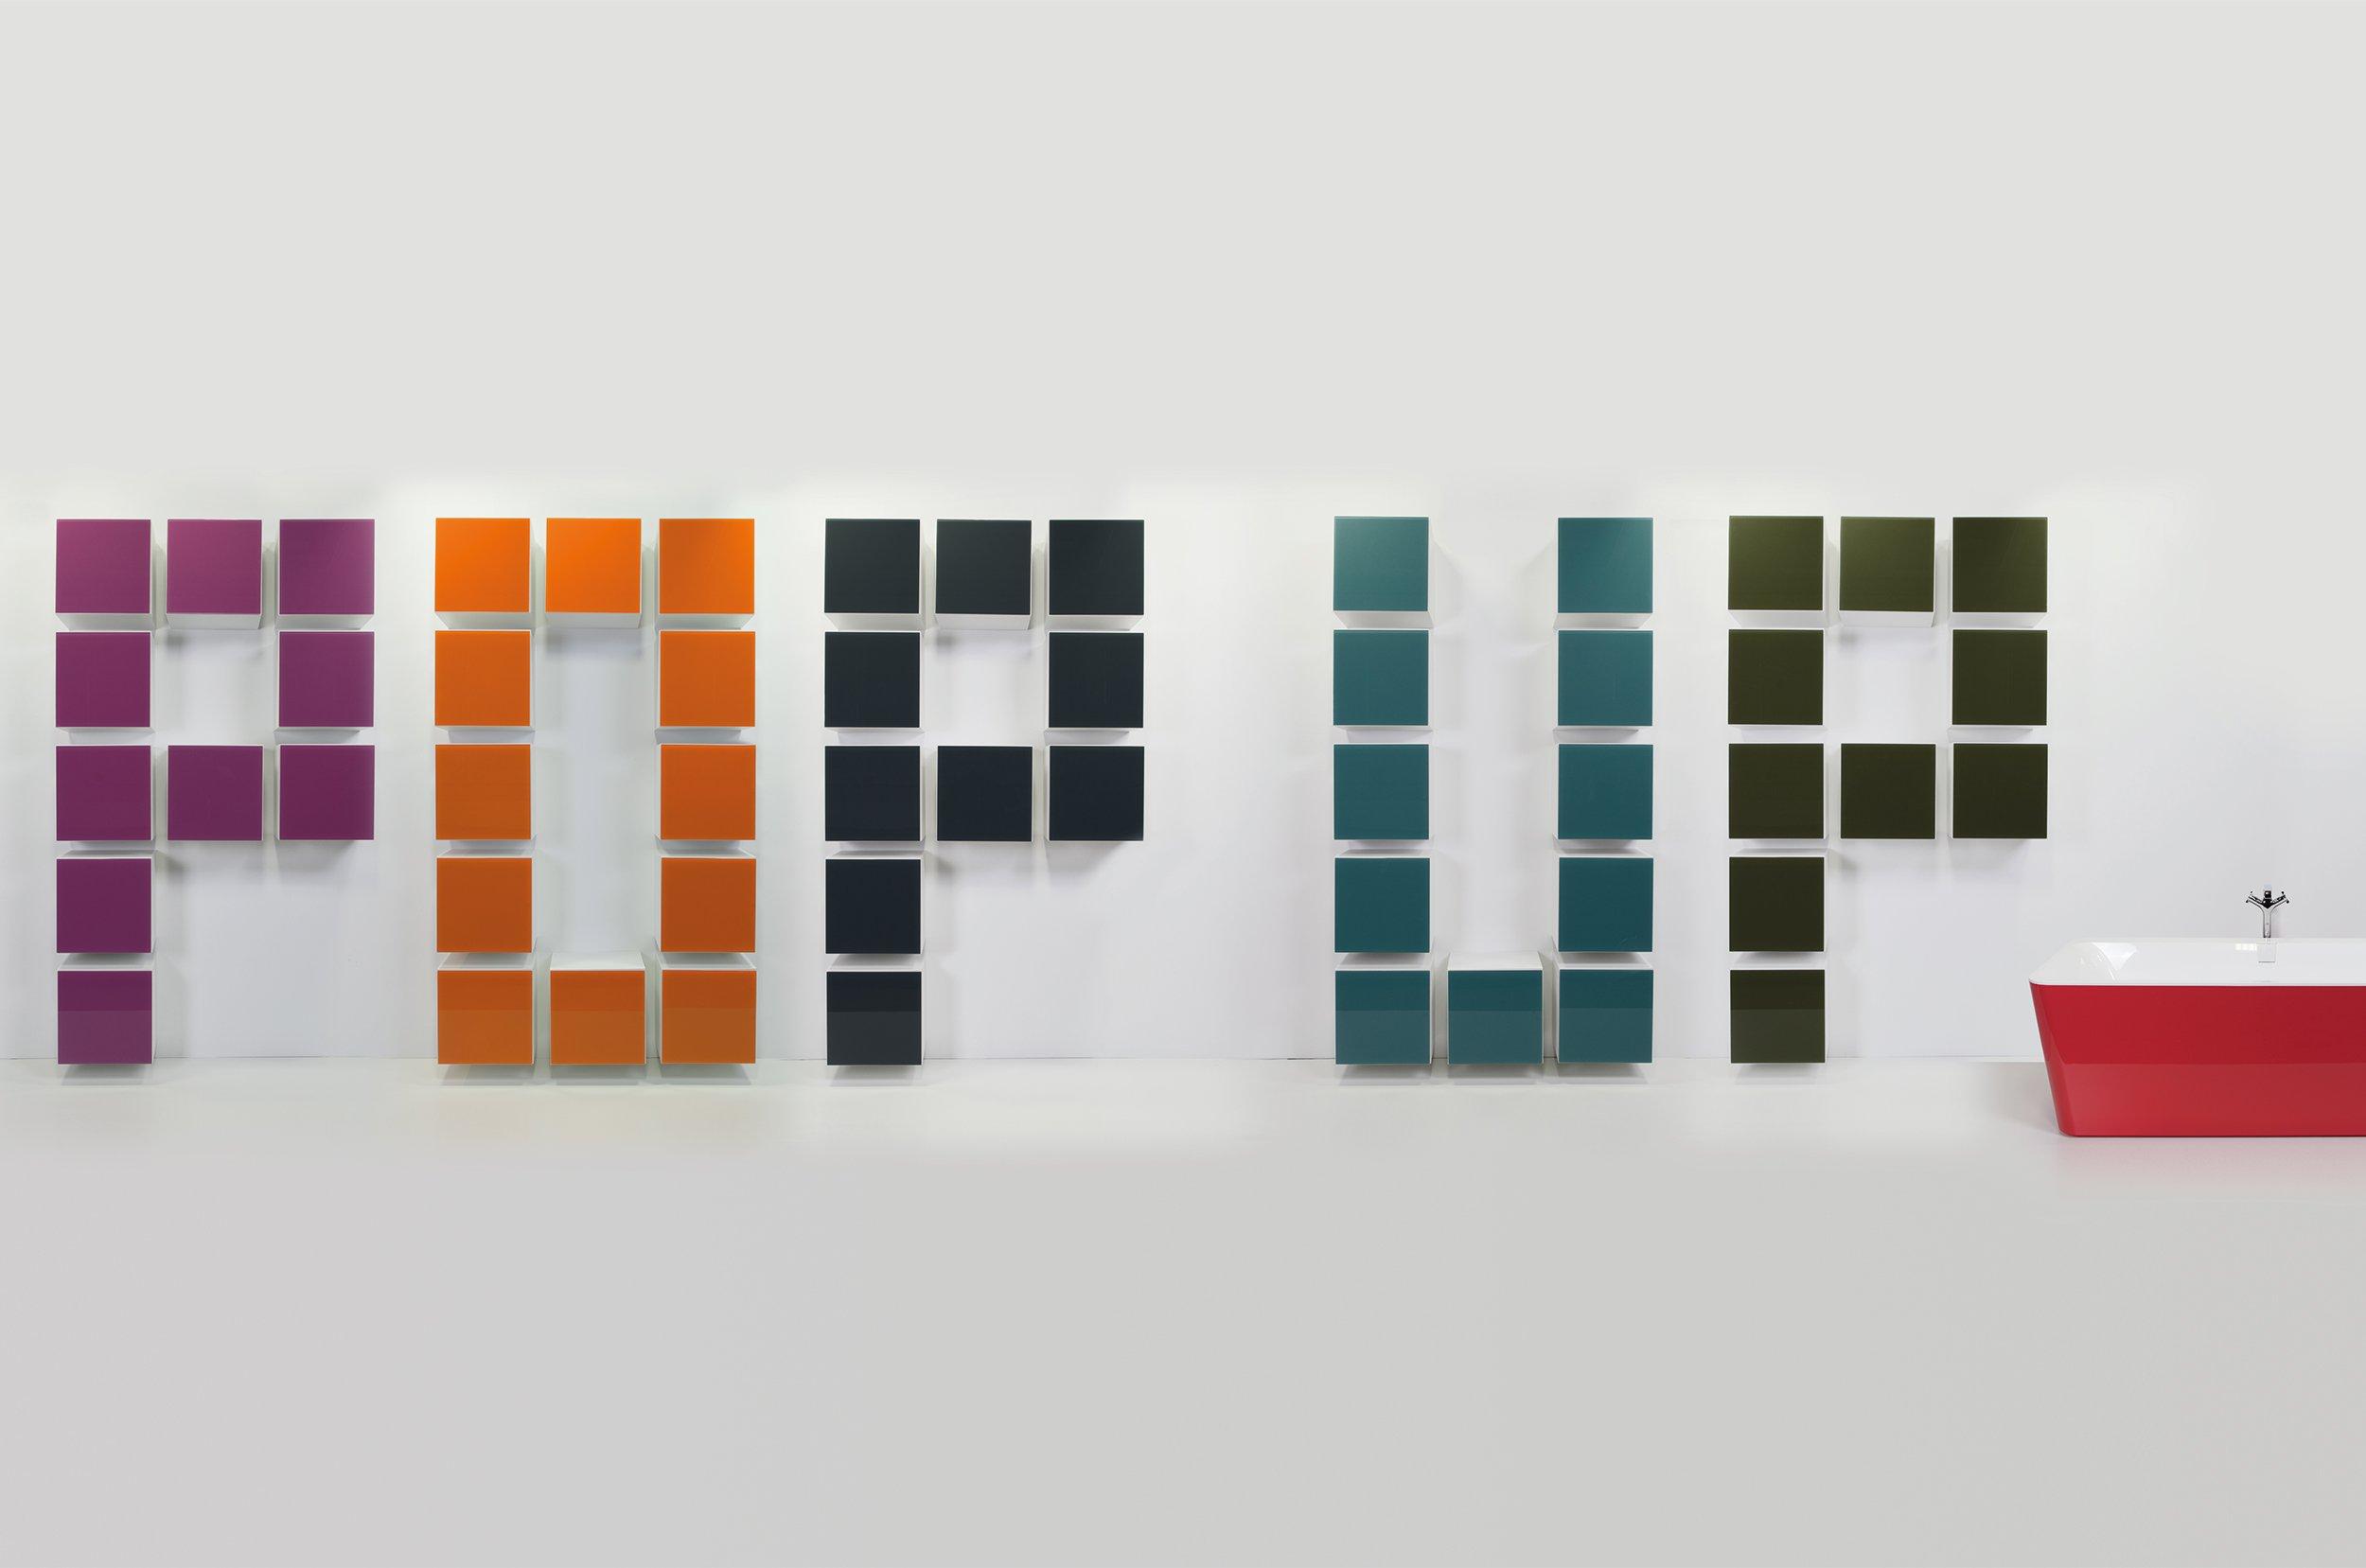 https://farconsulting.de/wp-content/uploads/2017/03/02_Pop-up-my-Bathroom_Logo_ISH-2017.jpg